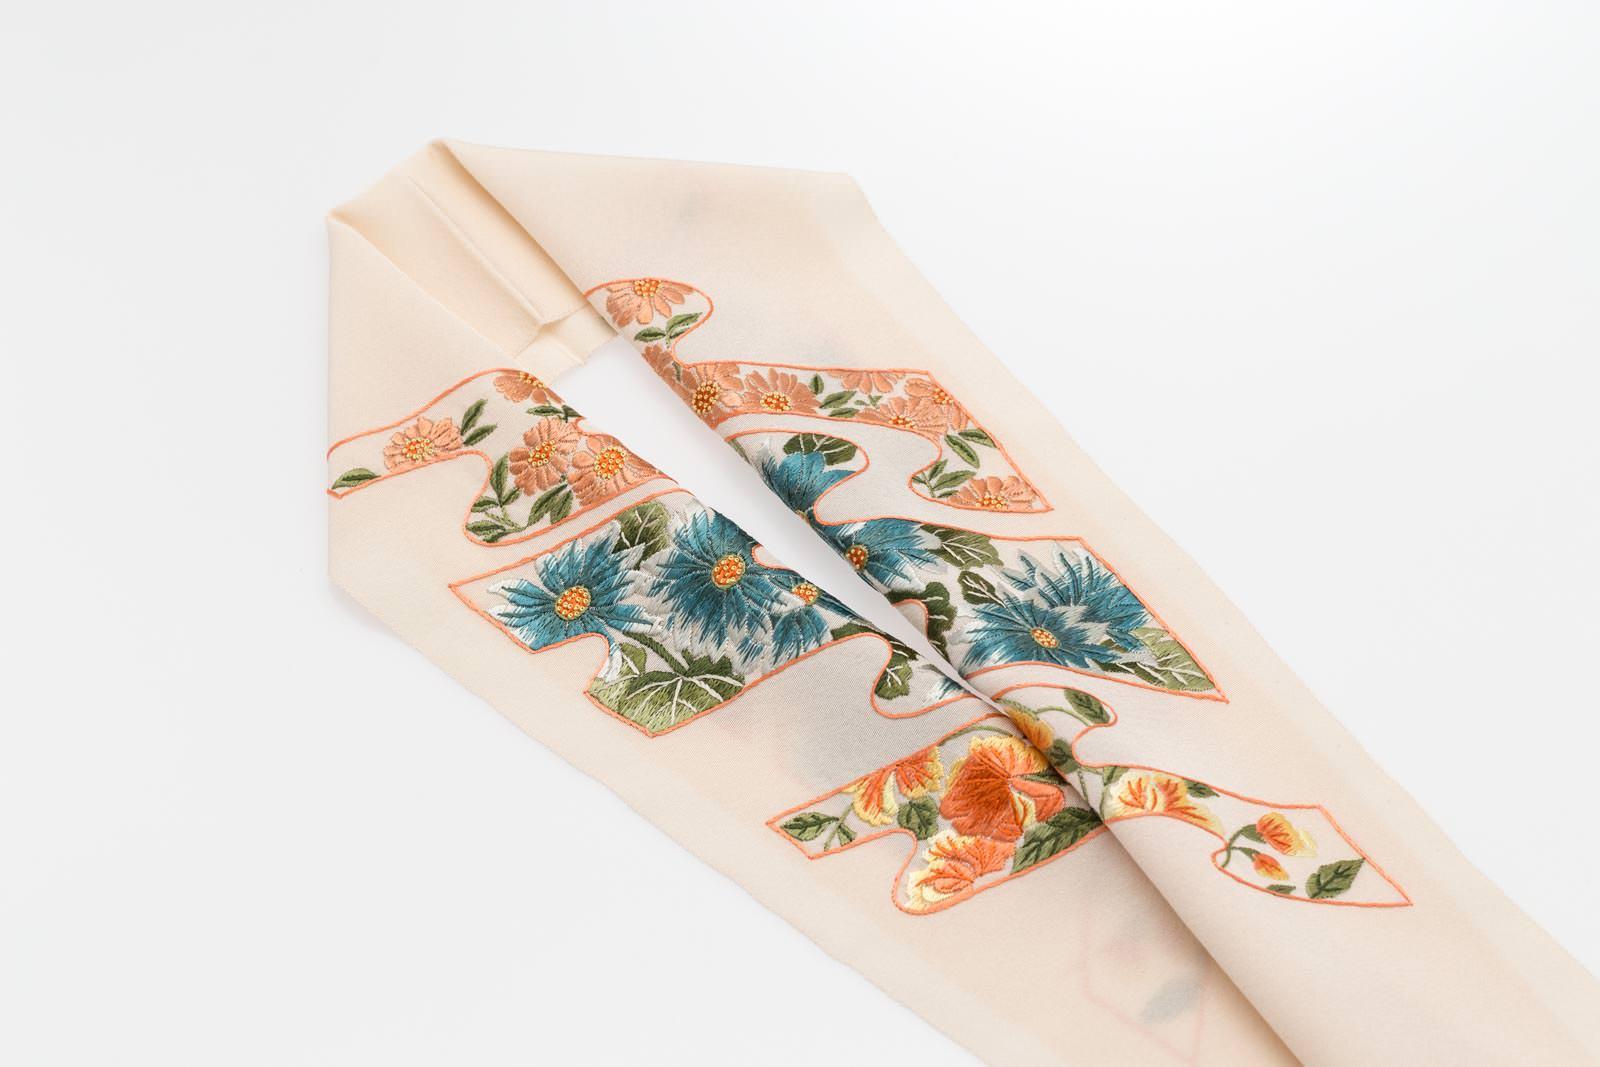 手刺繍 半襟 パールトーン加工済 シルク100% 塩瀬 手刺繍 半衿 薄香色 華